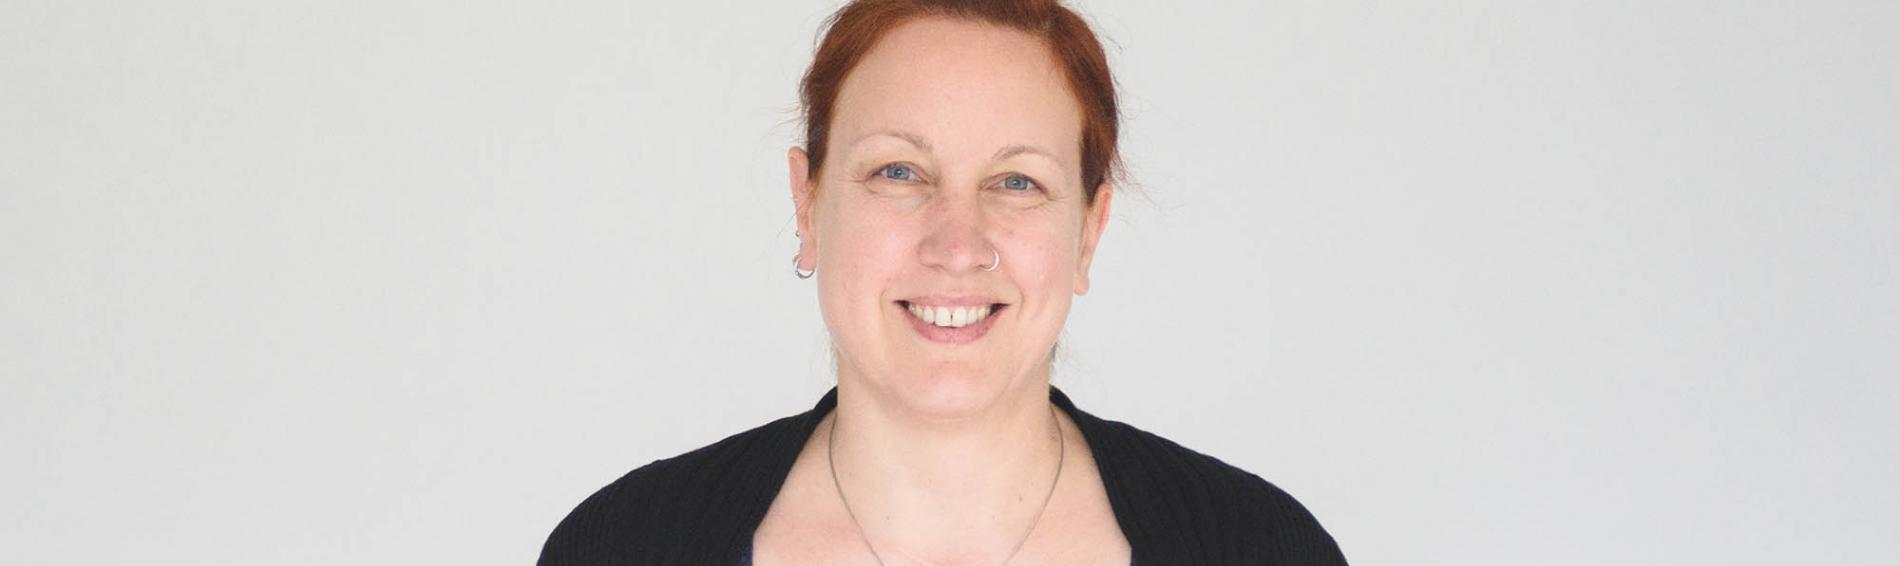 Julia Brunner, Referentin Internationale Programme